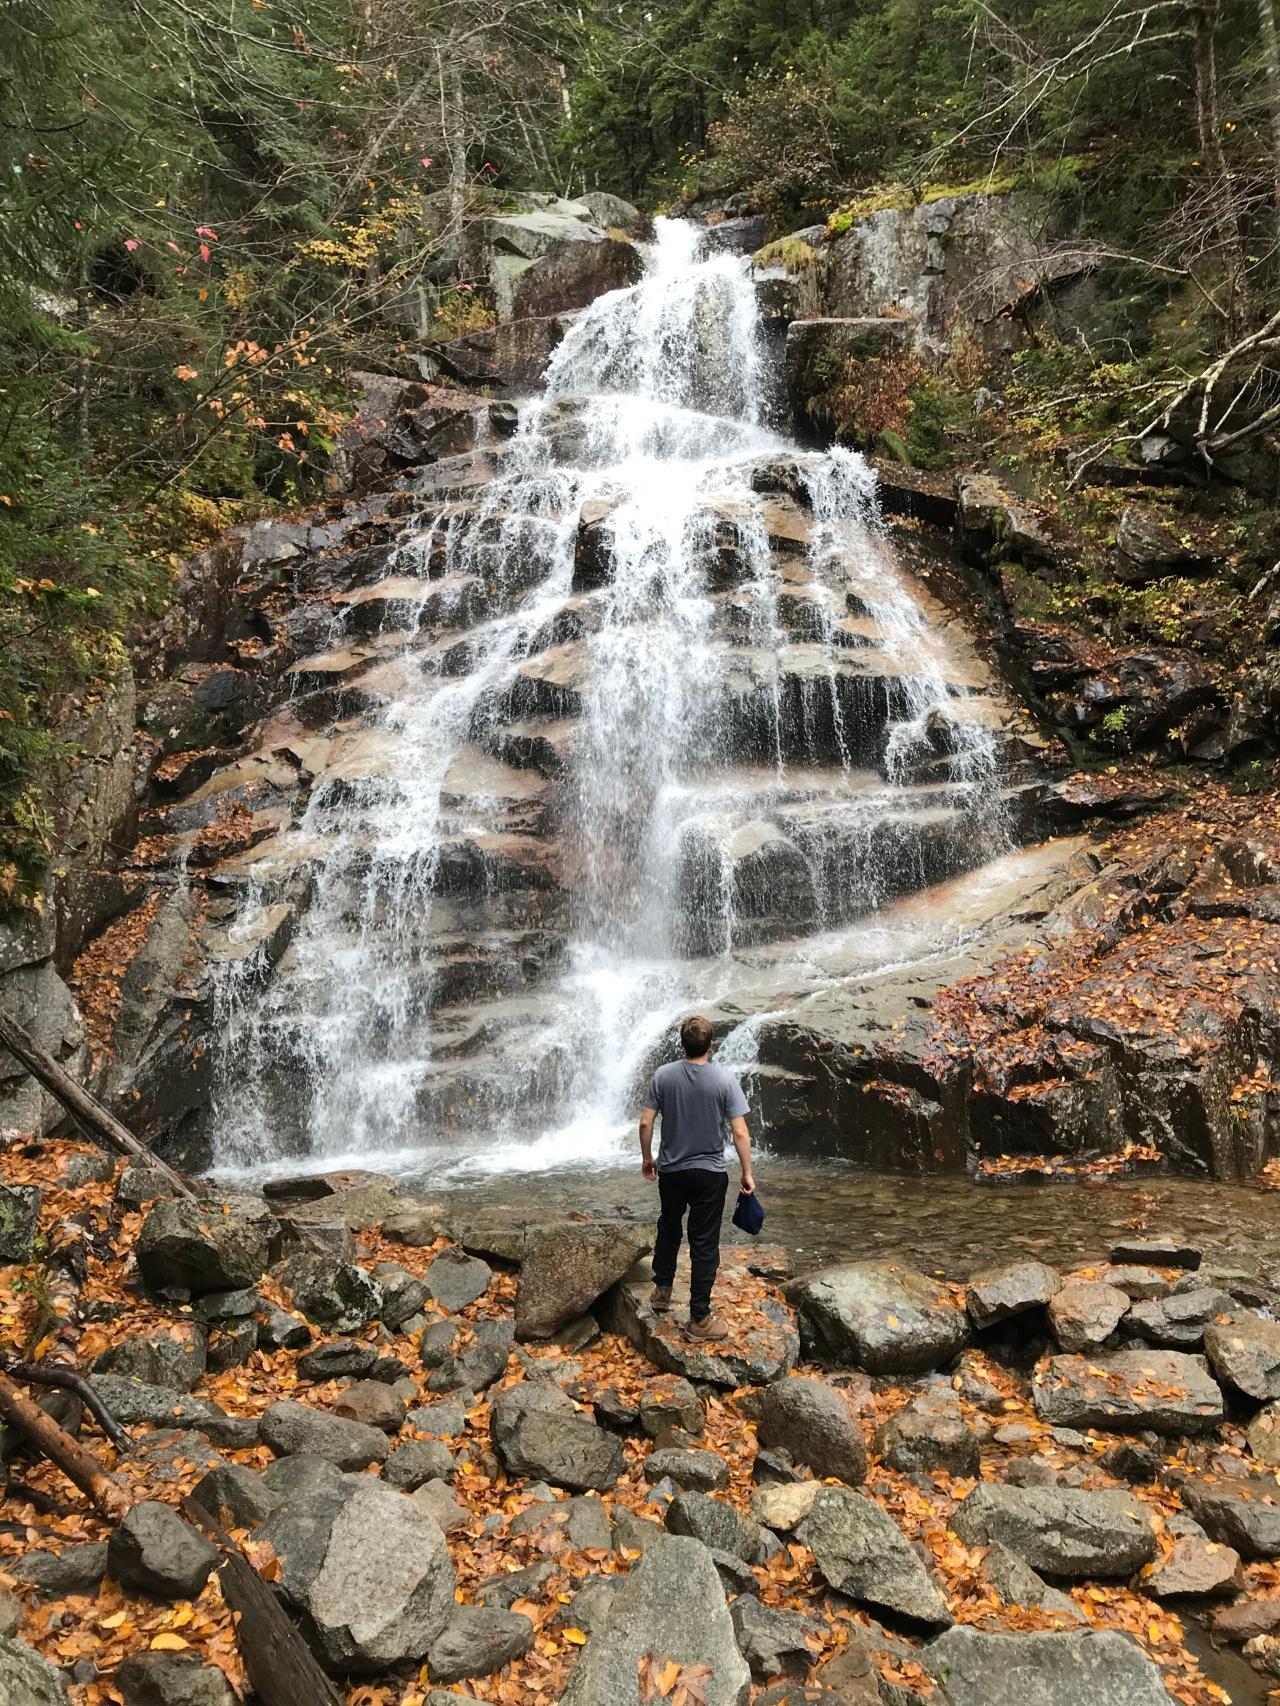 Franconia Ridge in the WhiteMountains